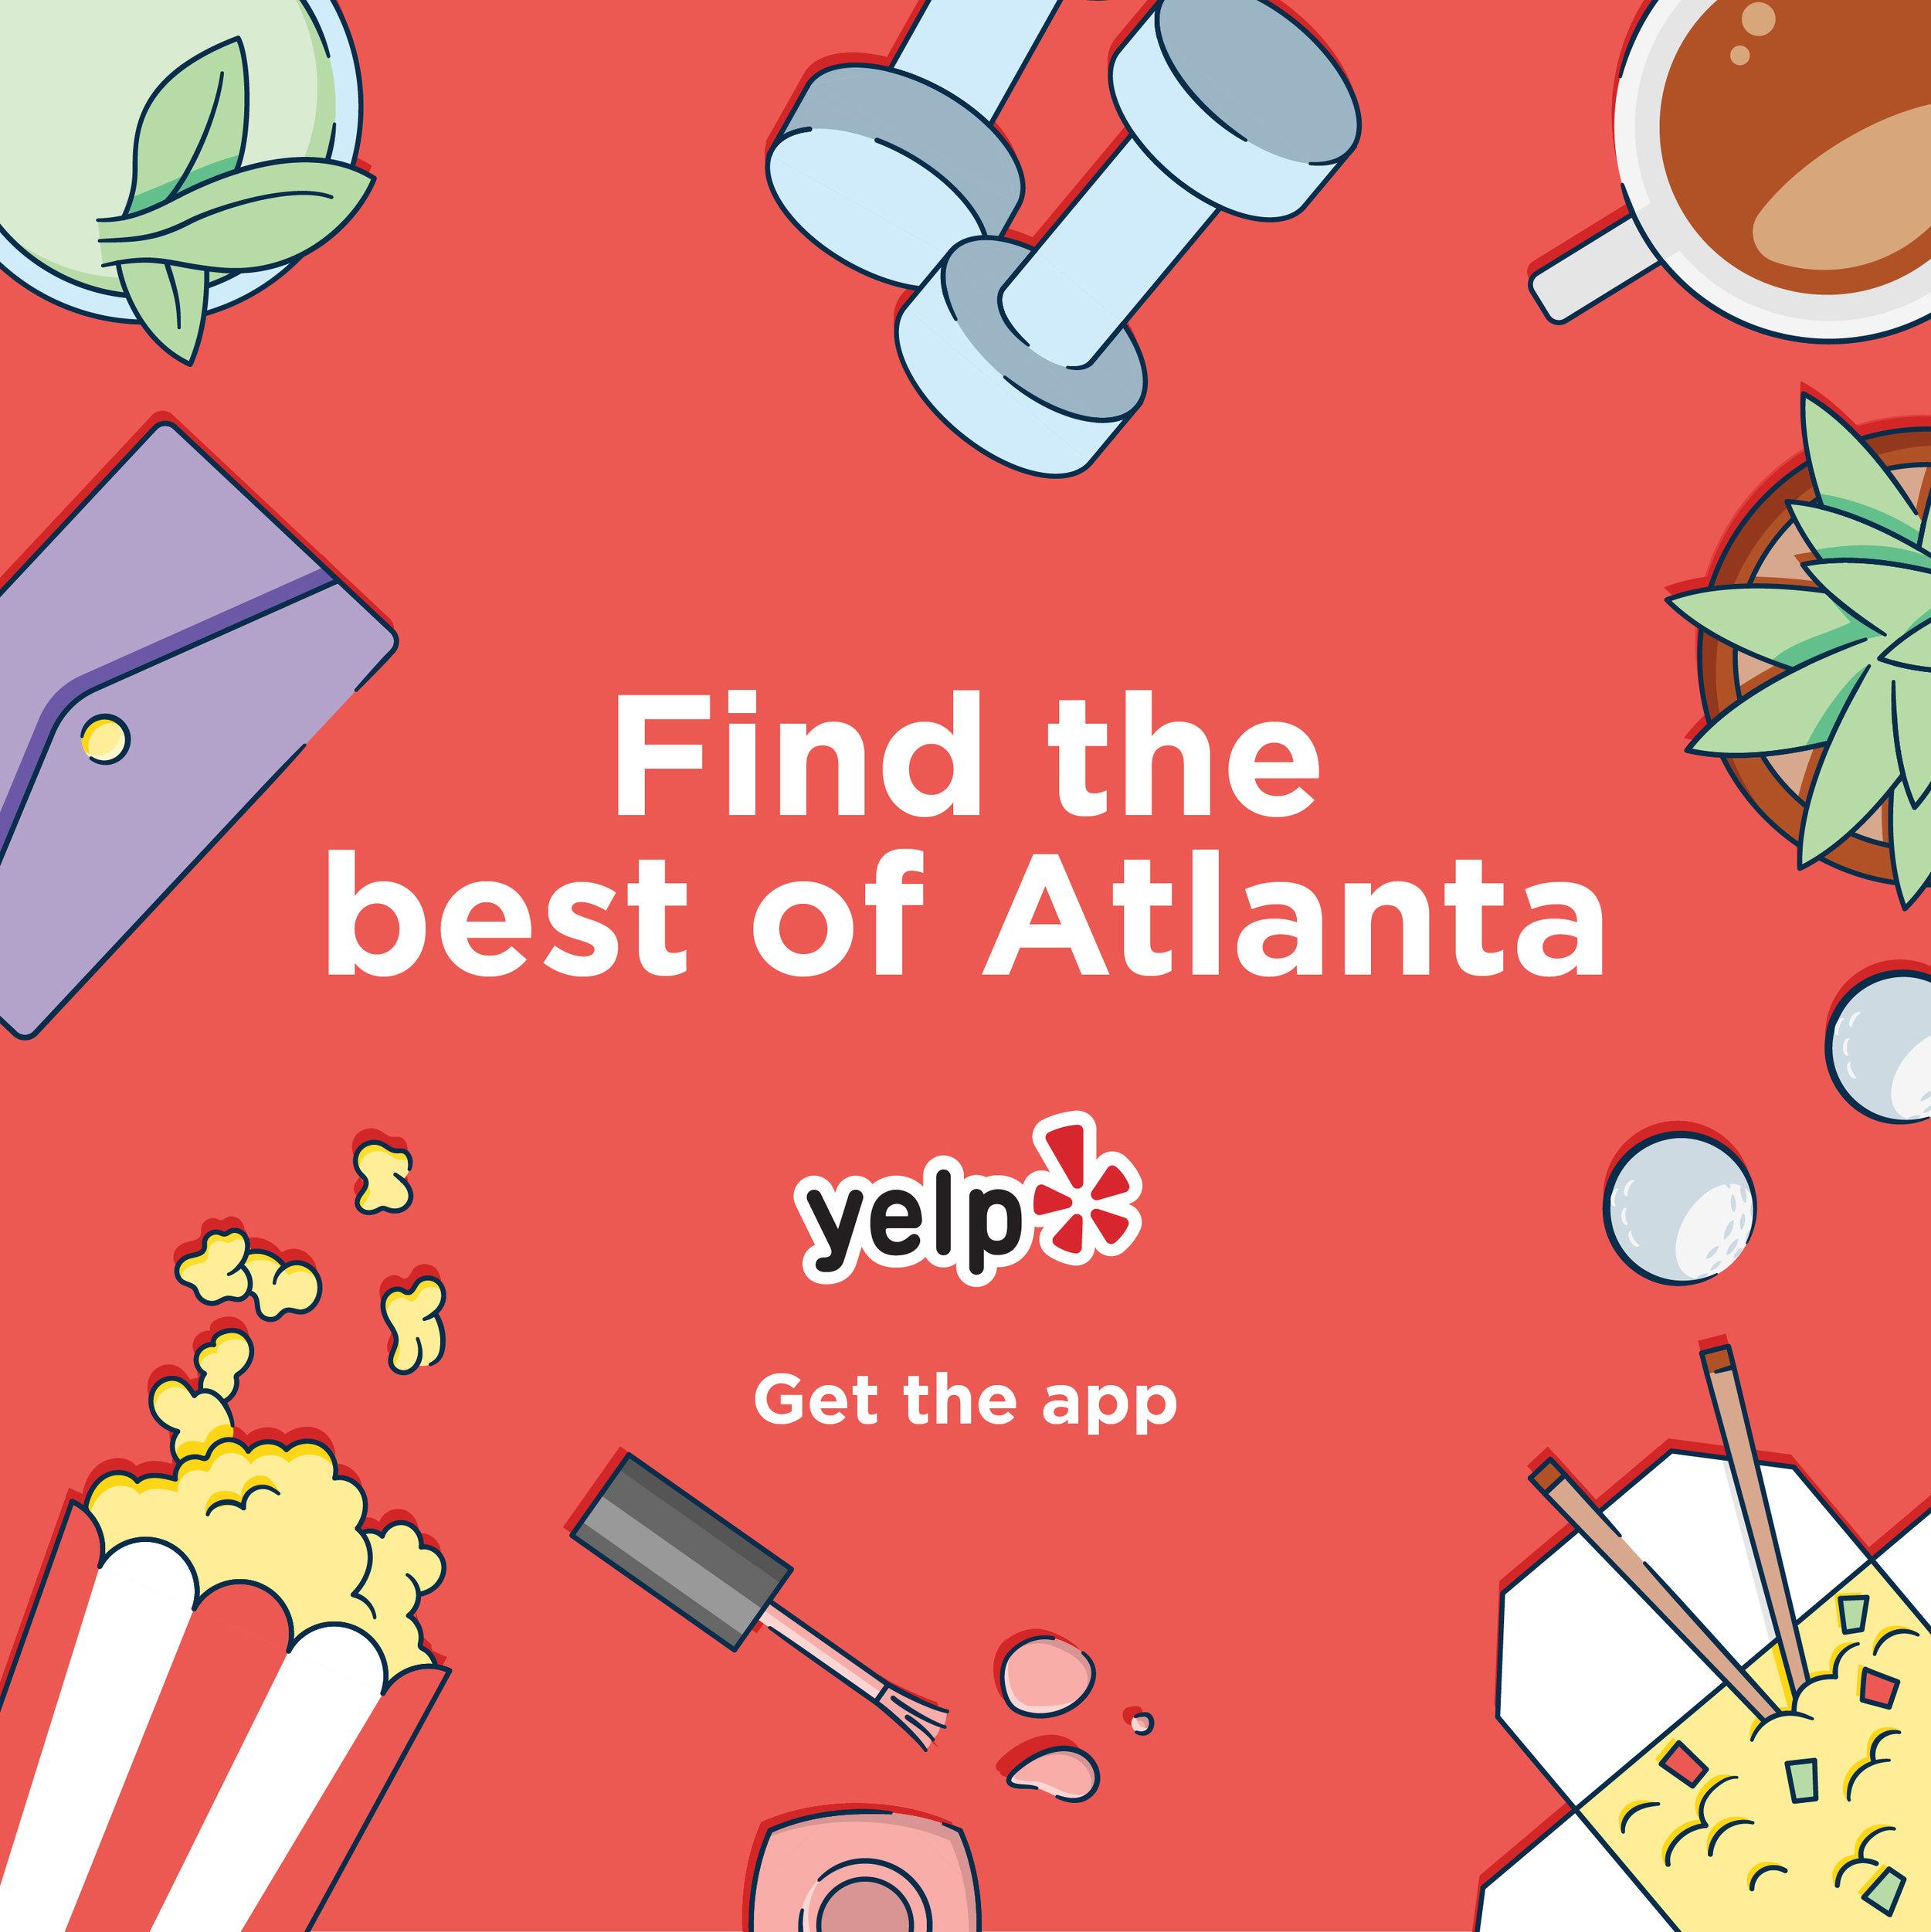 CM_Yelp General Ad_Atlanta_square.jpg